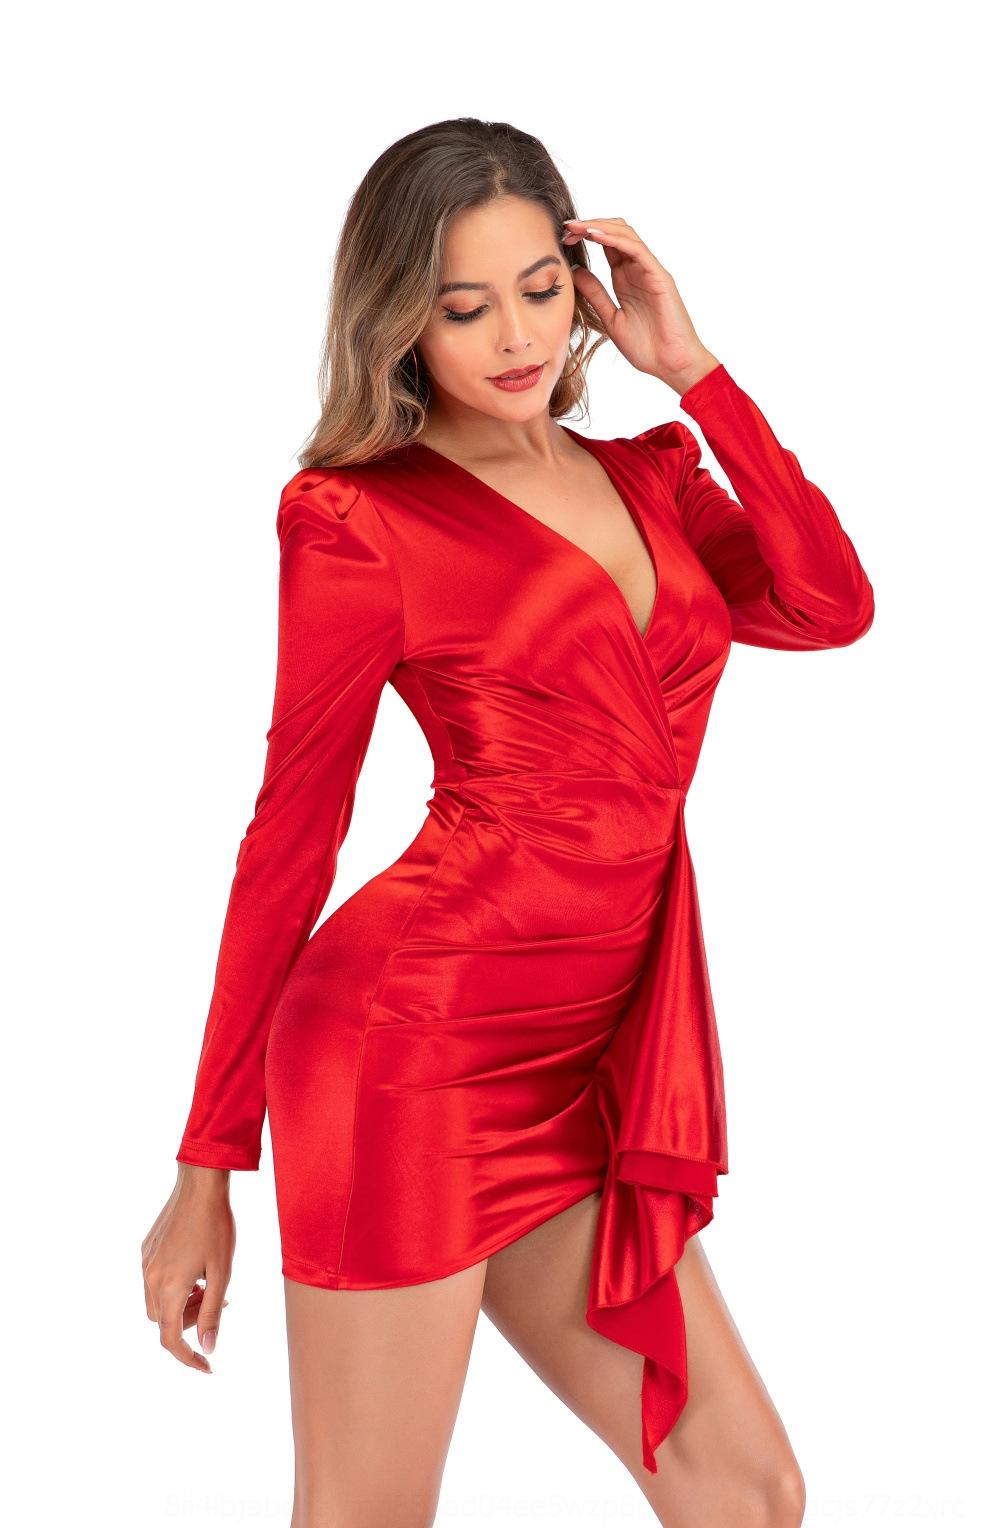 L3FF DressUS V-cuello estilo lápiz botones personalidad moda vestido de manga larga caliente poniendo nueva falda de doble pecho doble